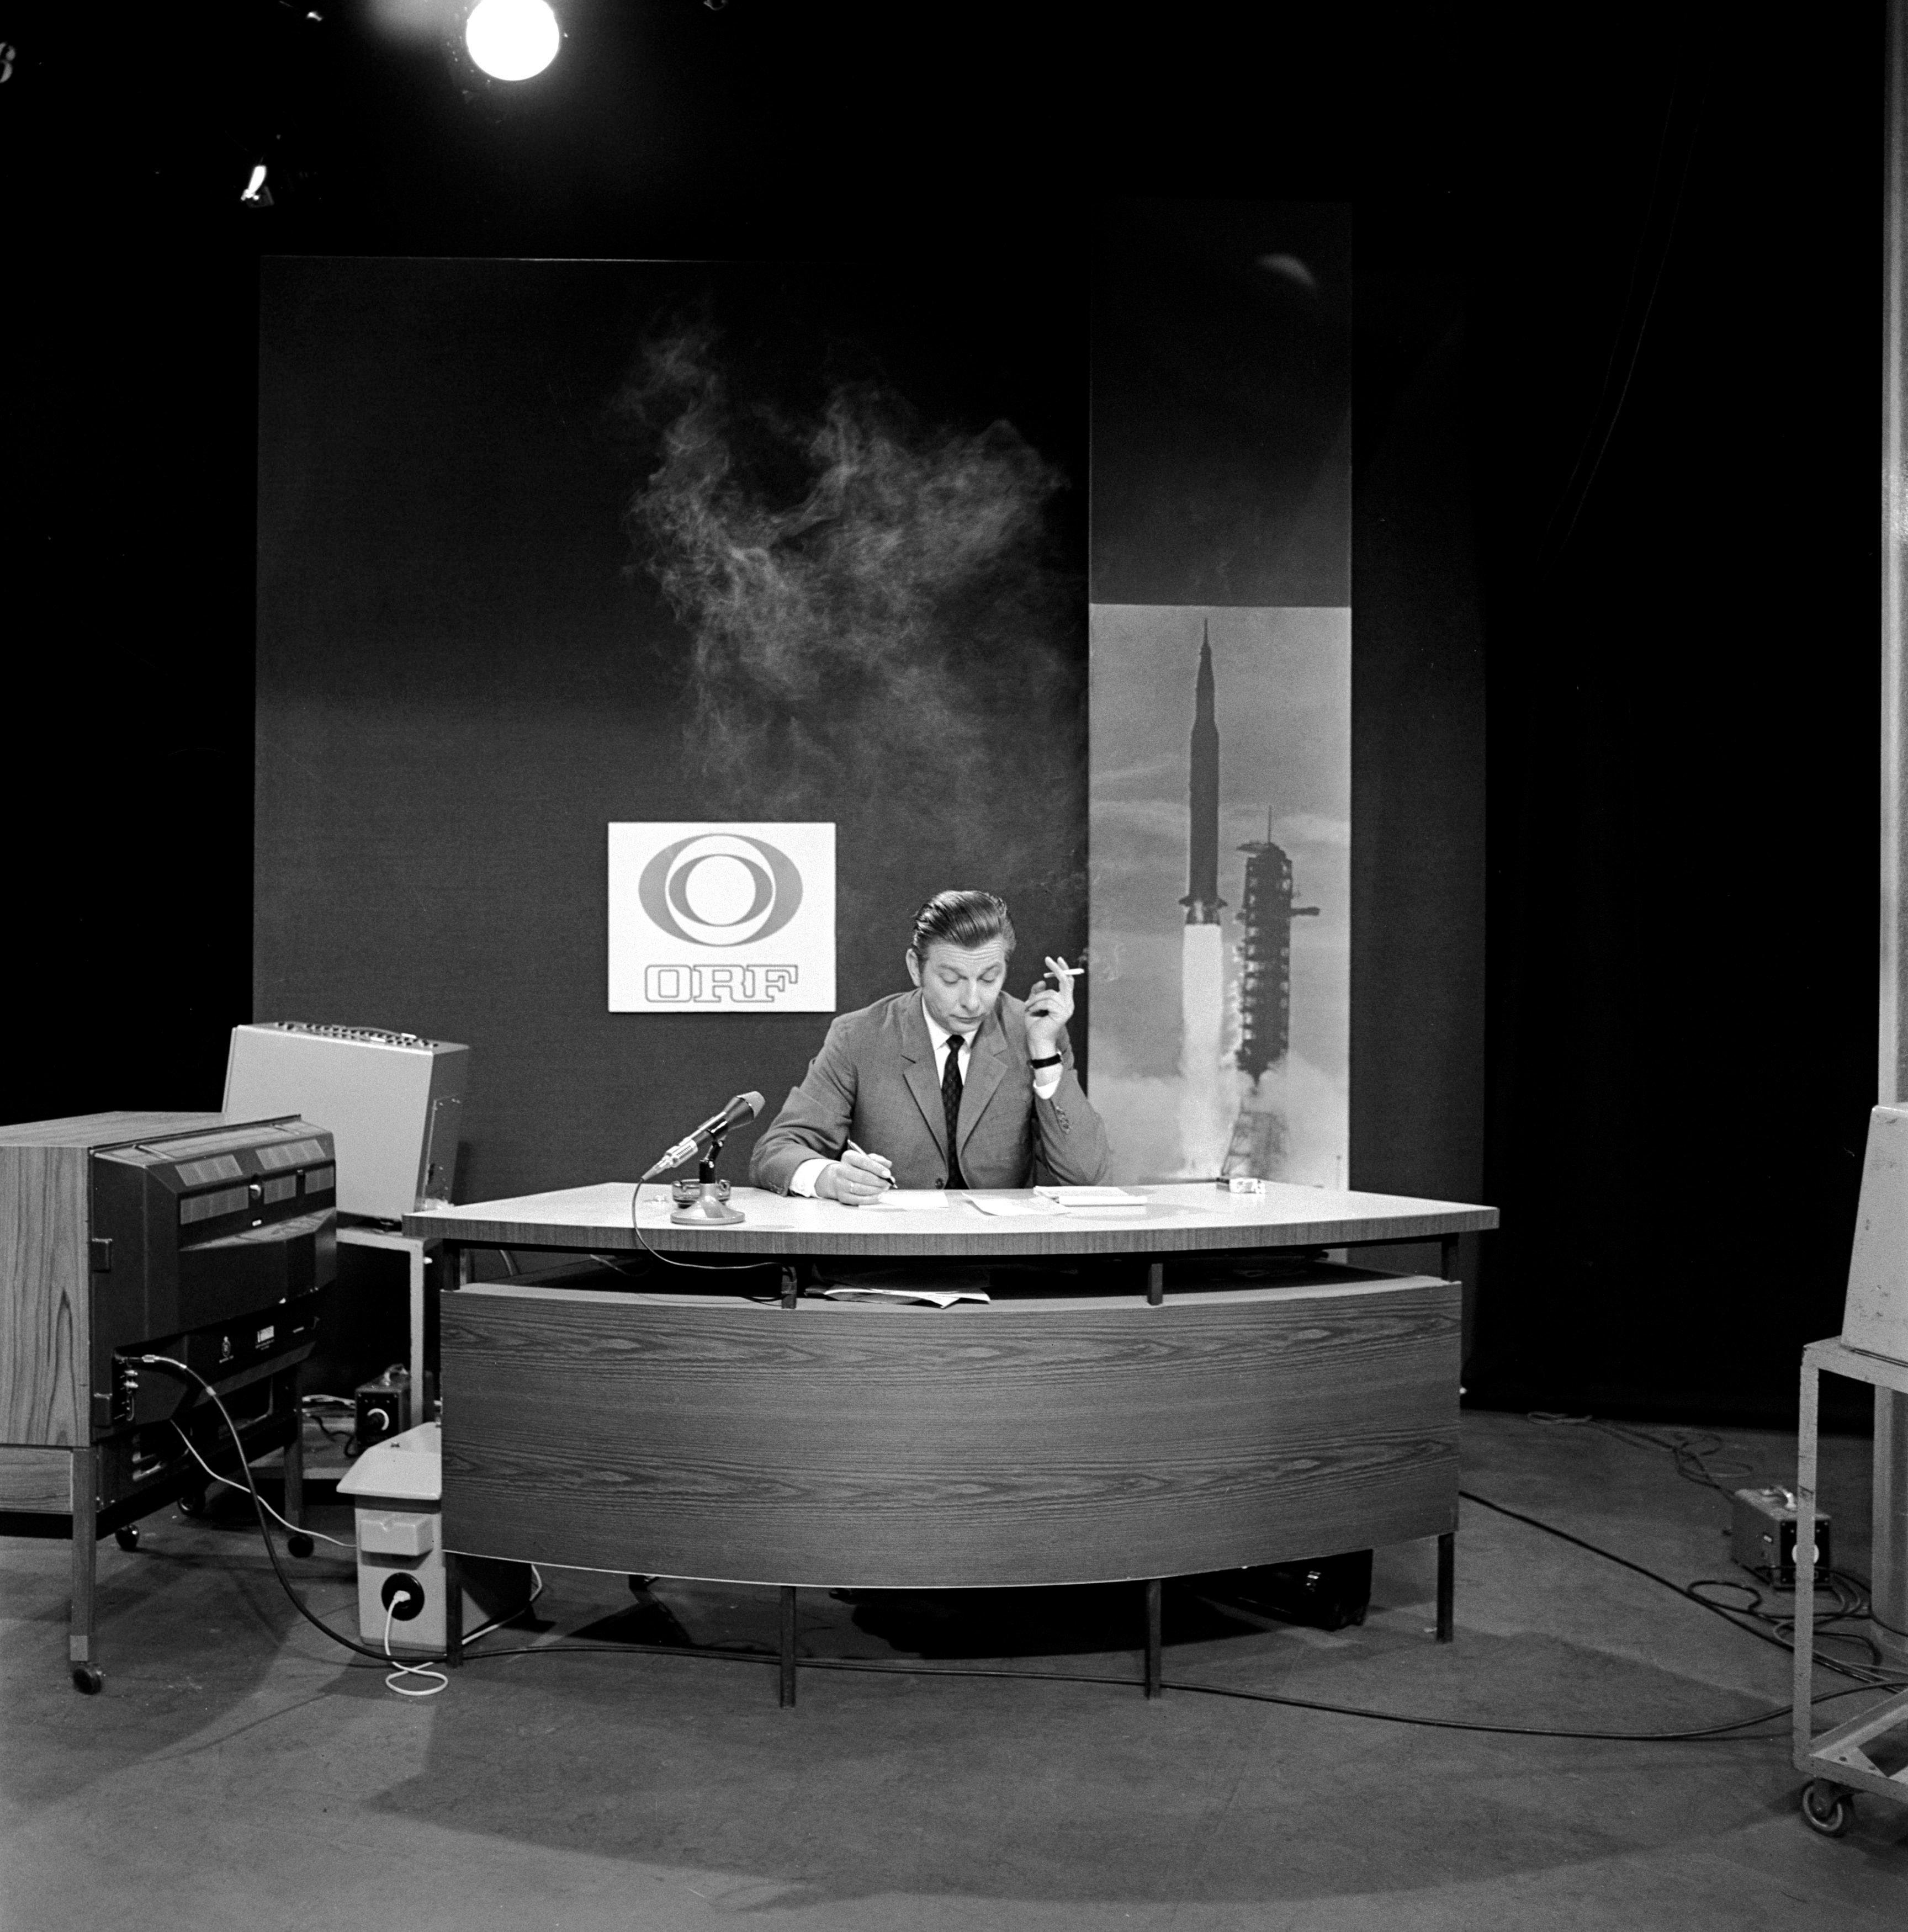 Hugo Portisch bei der ORF-Übertragung der Mondlandung 1969